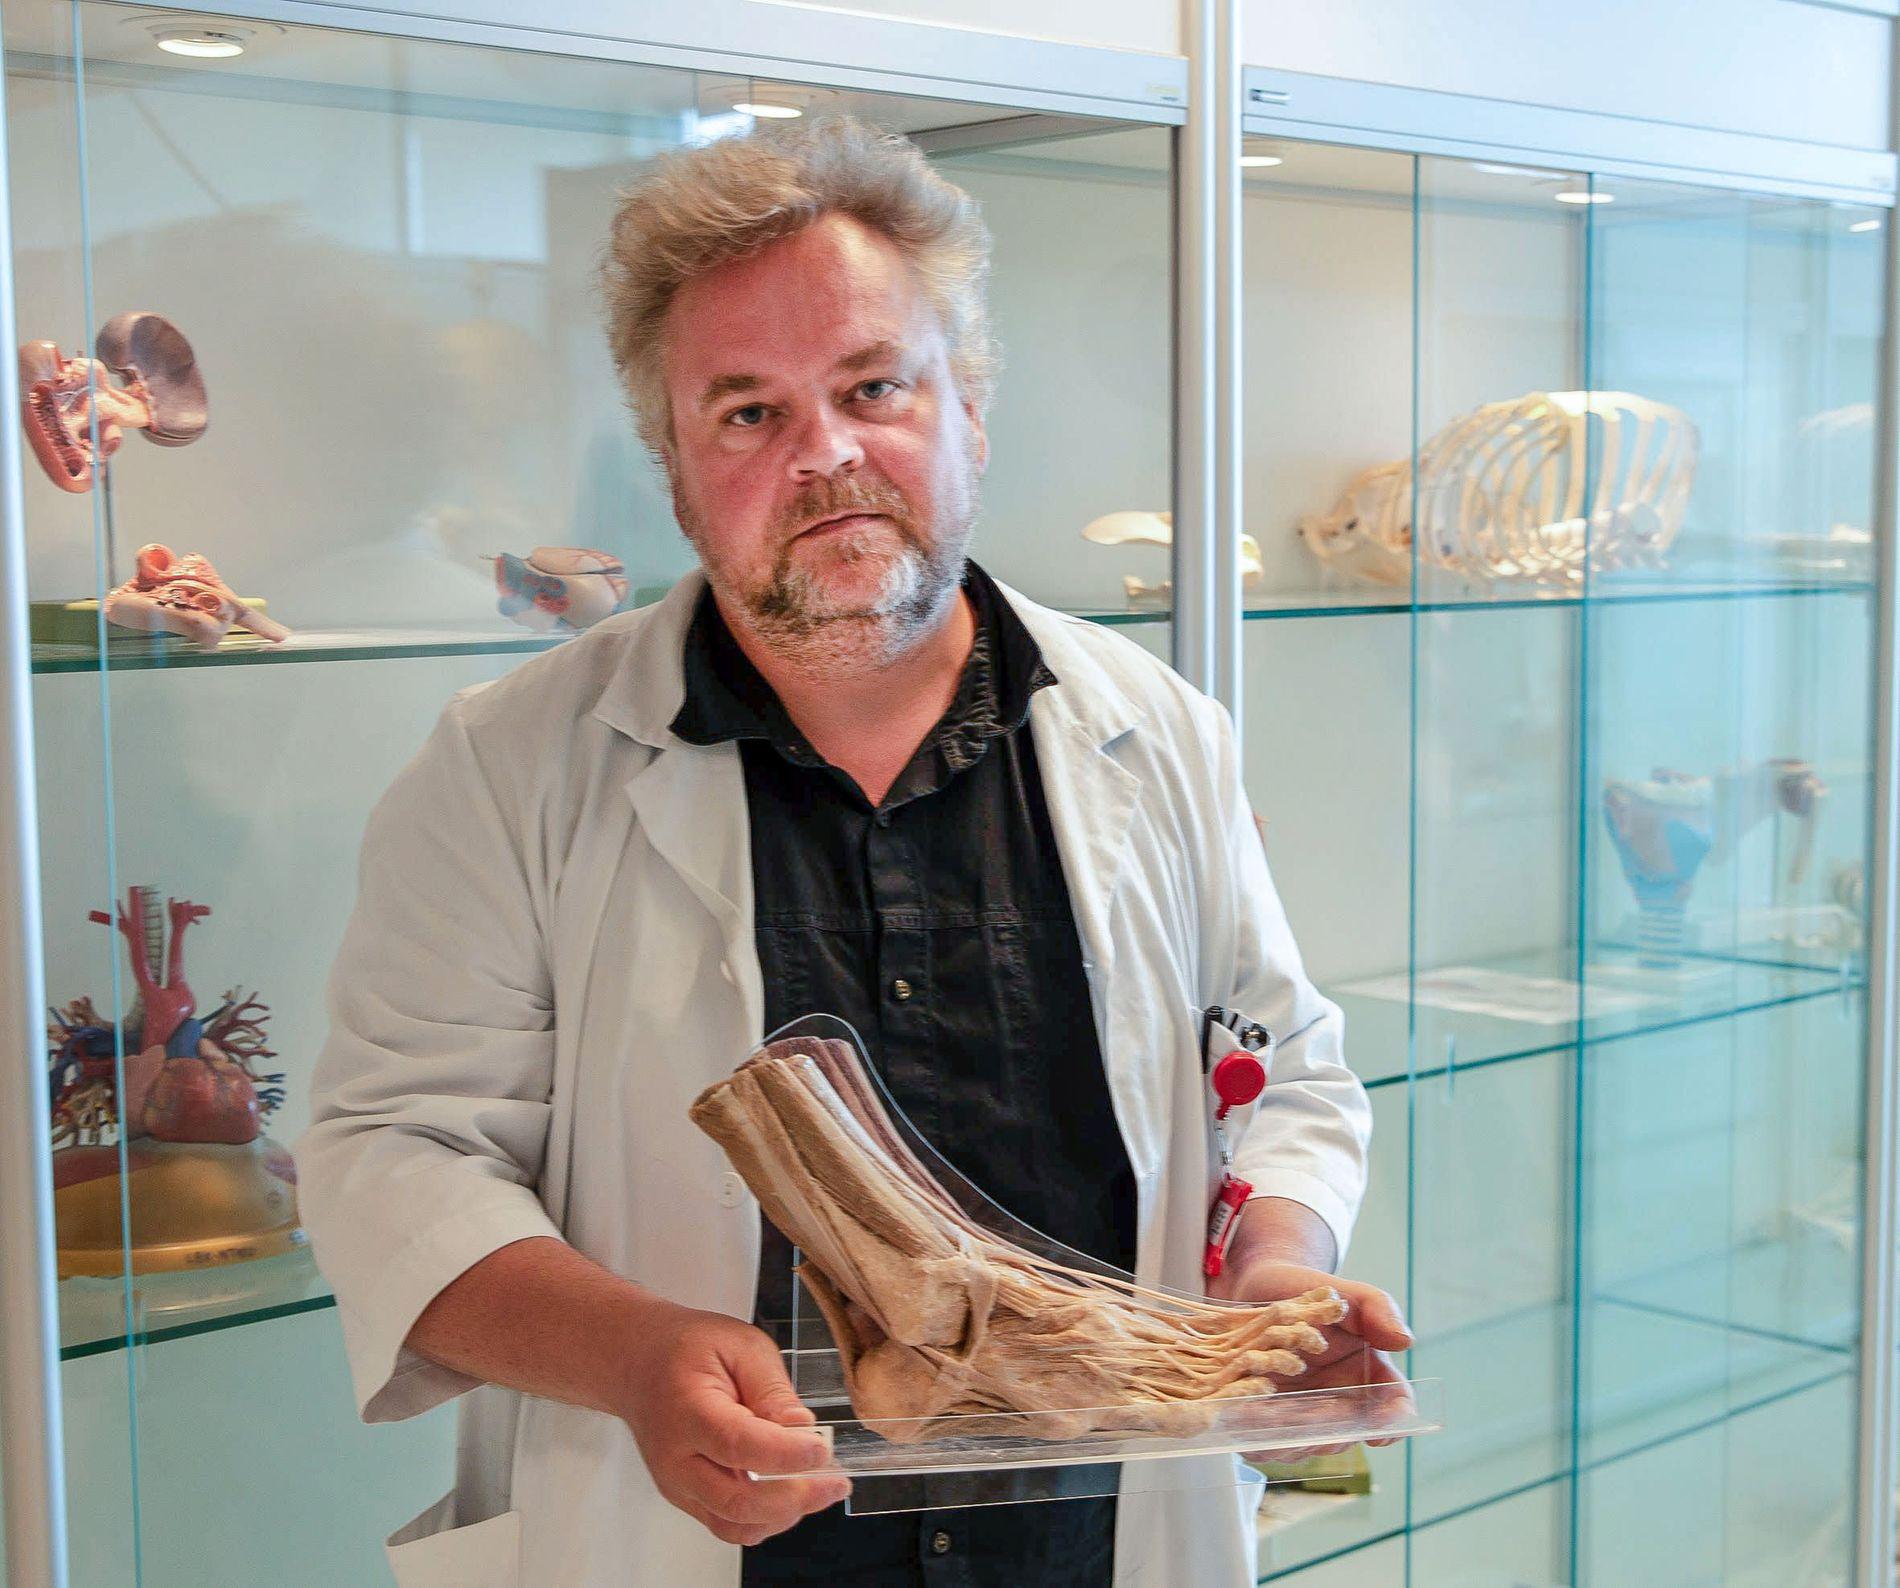 HAVNET I KLESVASKEN: Det var en balsamert fot av denne typen som ble funnet i vaskemaskinen til vaskeriet Nor Tekstil i Trondheim. Foten blir holdt av instituttleder Torstein Baade Rø.